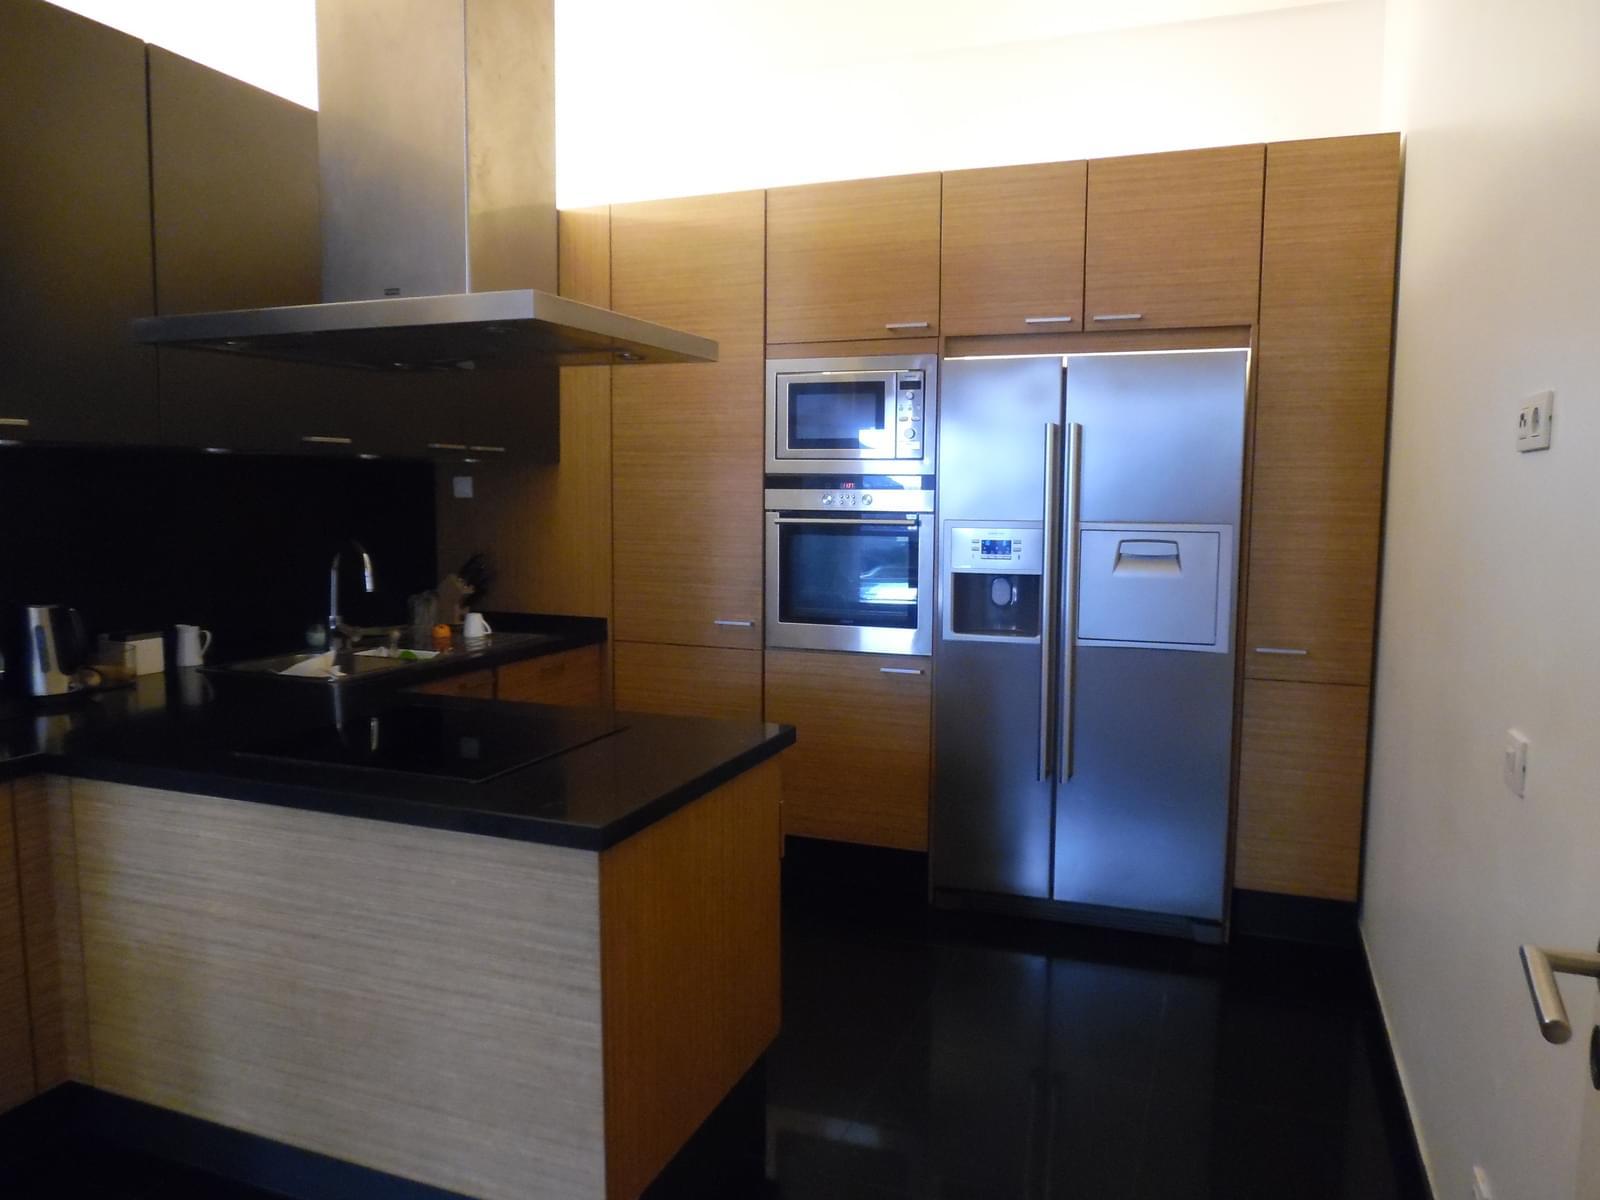 pf17454-apartamento-t4-lisboa-5de21460-d797-410d-ac0a-19d5c16ae46f